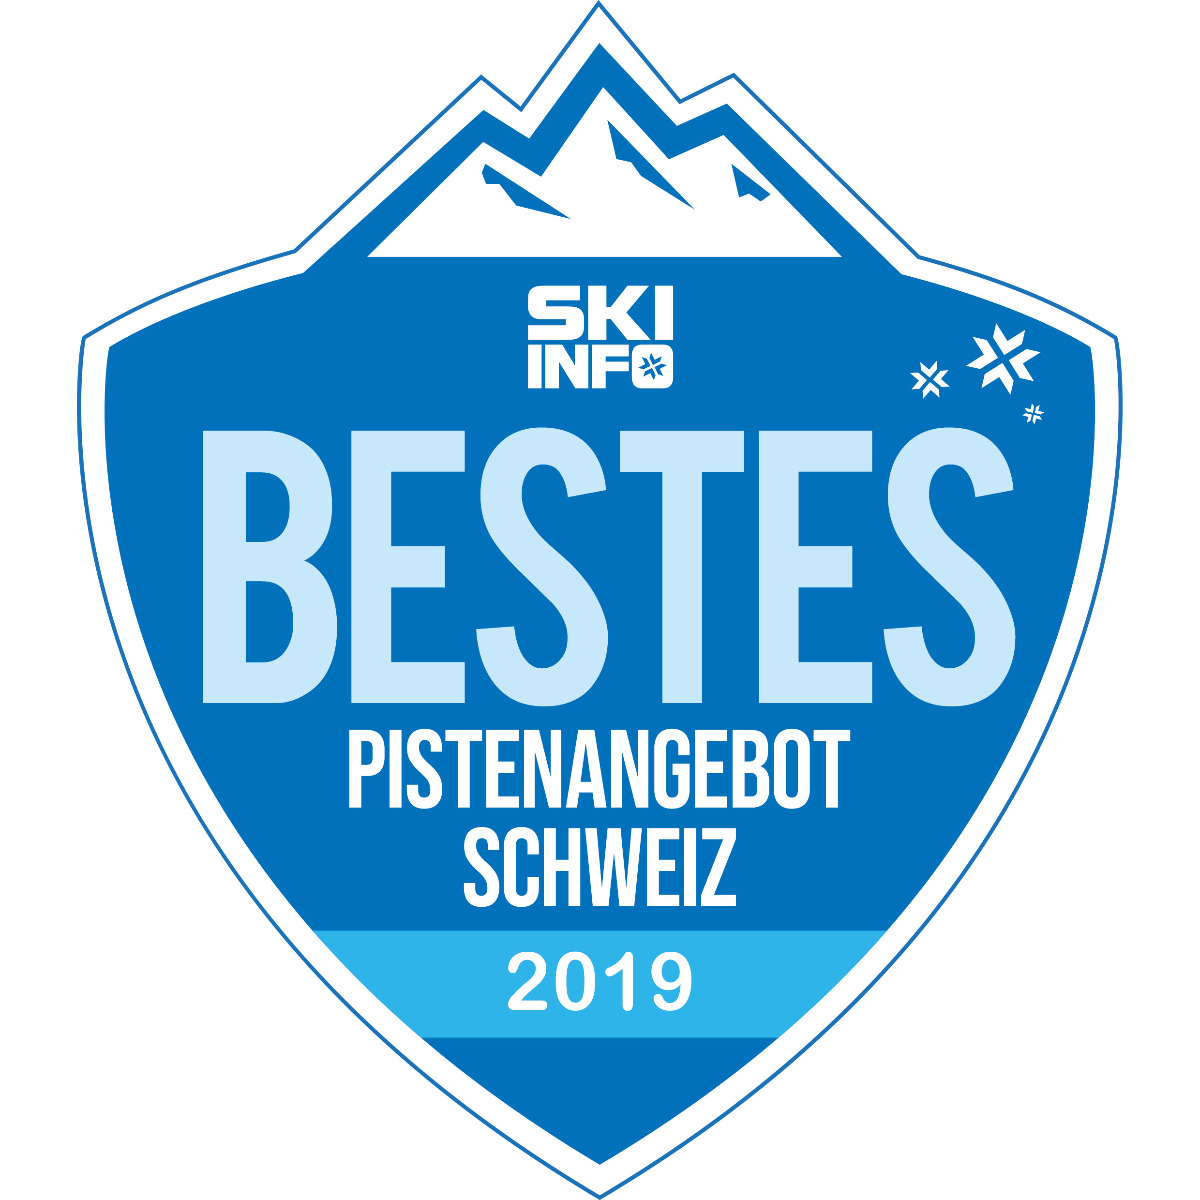 Bestes Pistenangebot Schweiz 2018/2019